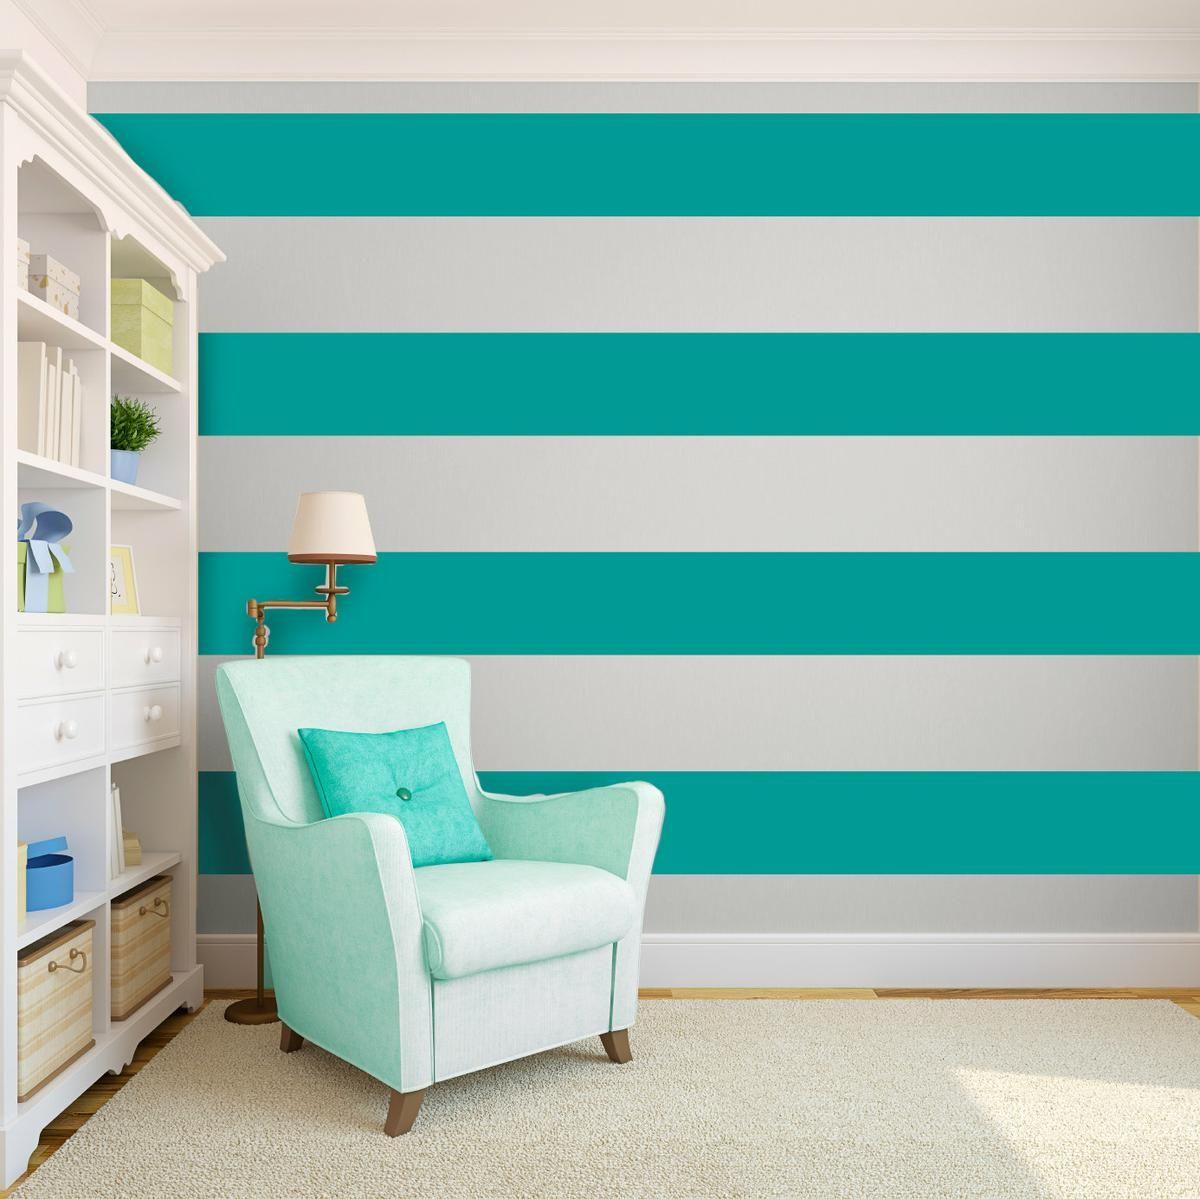 10 Hermosas Ideas Para Pintar Paredes Decoracion De Paredes Pintadas Decoracion De Paredes Dormitorio Paredes Rayadas